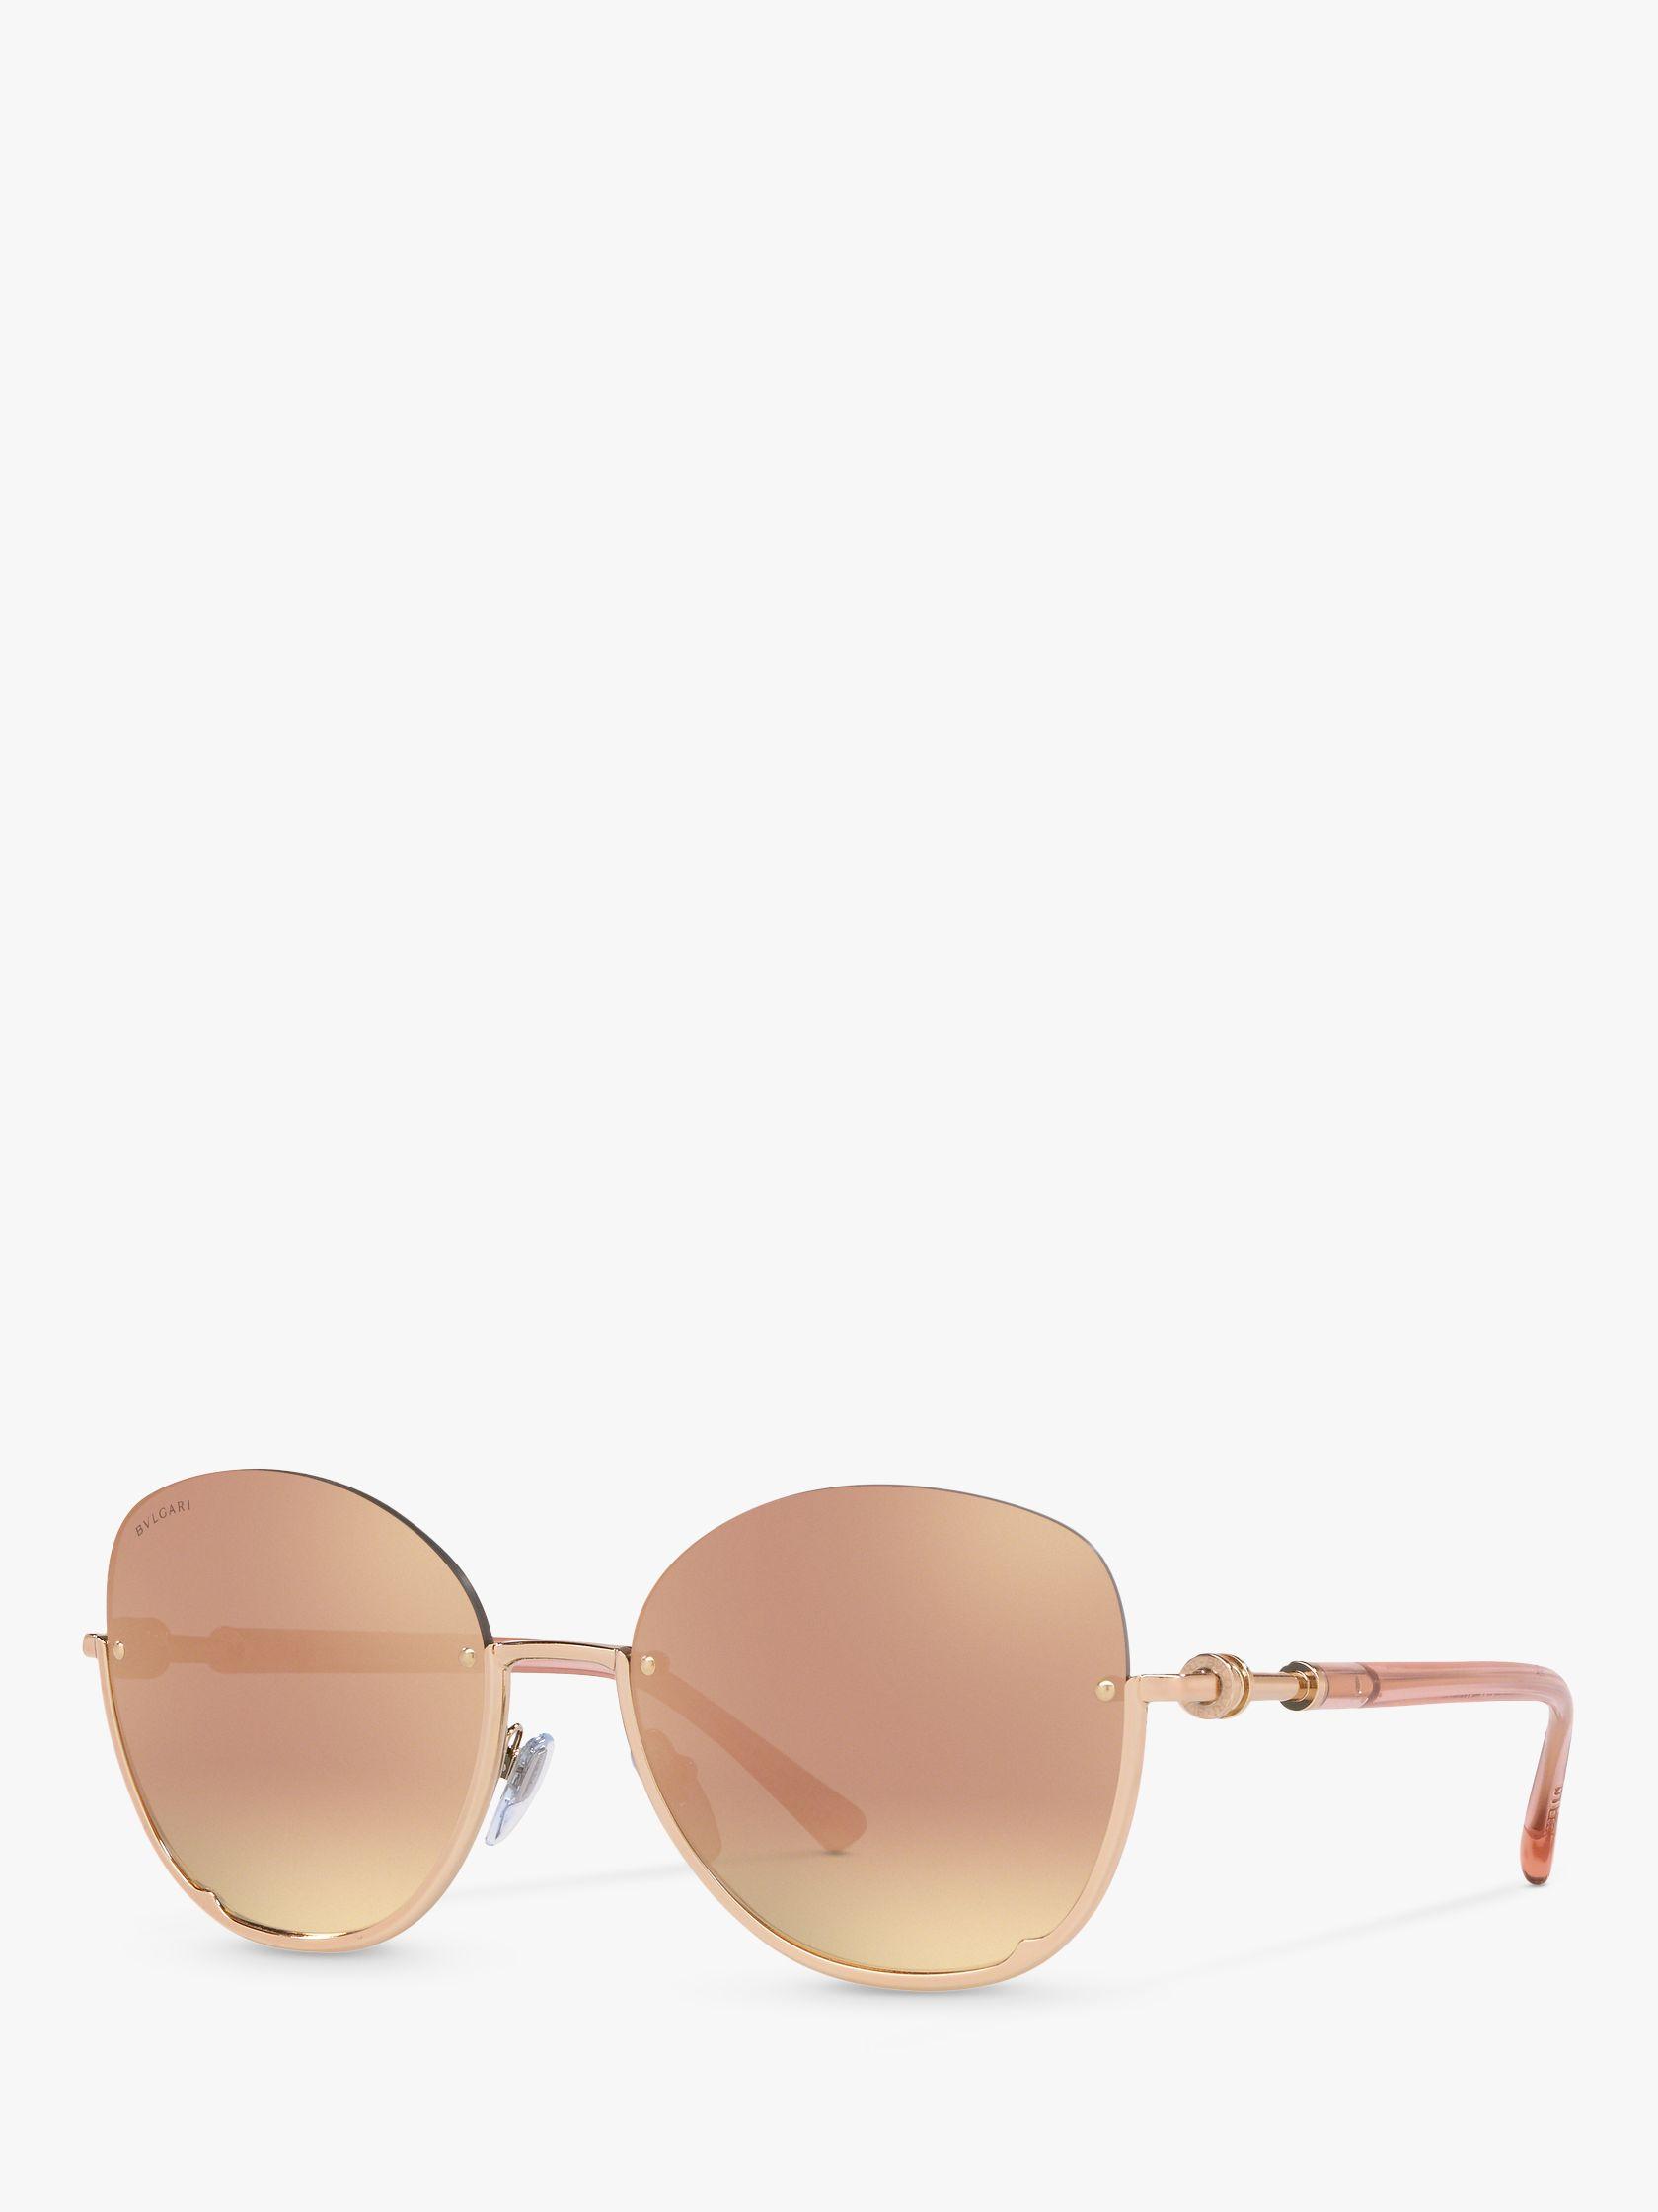 Bvlgari BVLGARI BV6123 Women's Butterfly Sunglasses